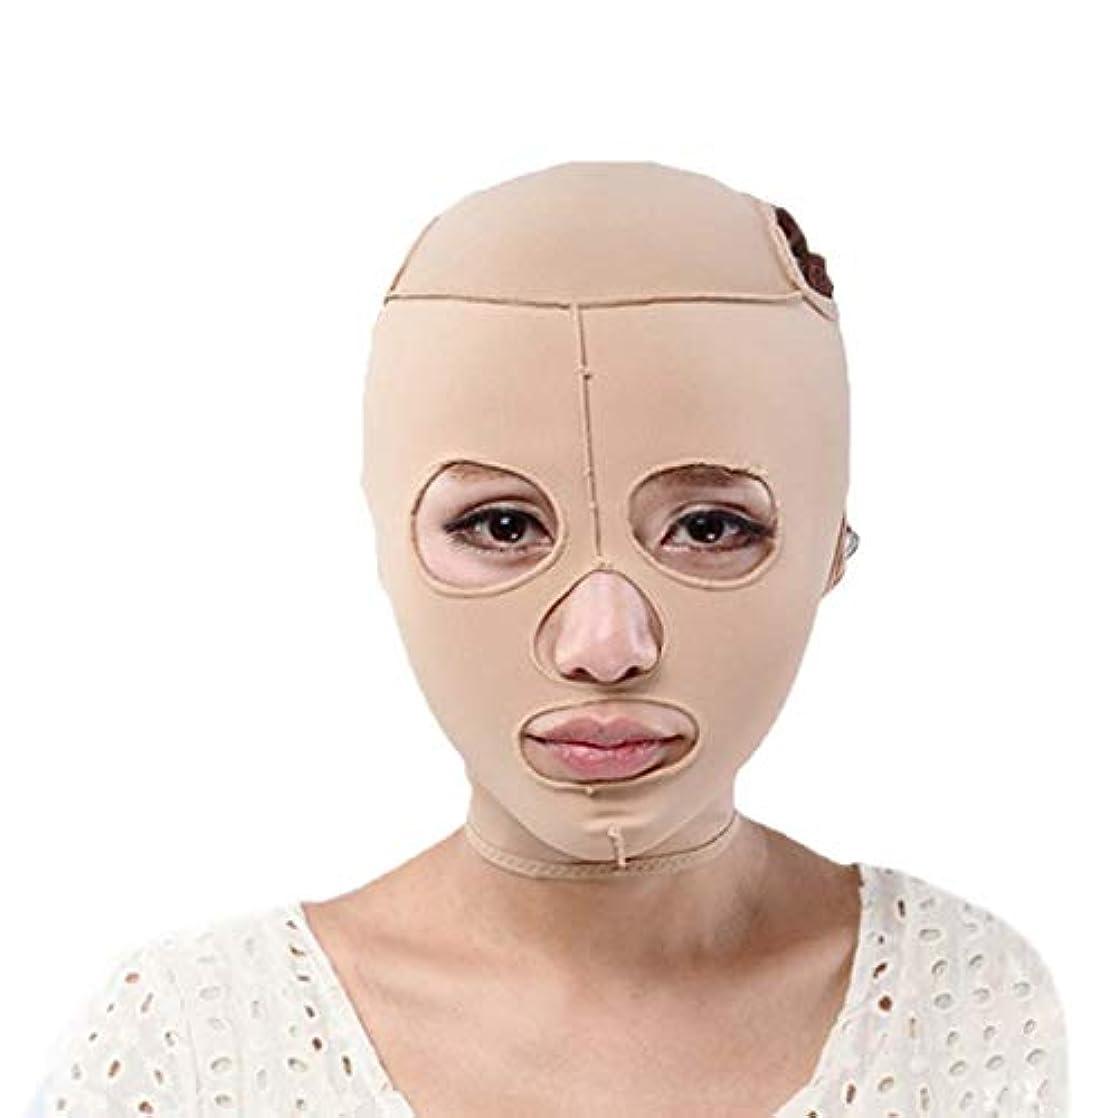 スマート支払い外出チンストラップ、顔の減量アンチシワマスク、快適な通気性マスク付きオールインクルーシブフェイス、薄型フェイスマスクリフティング包帯引き締め(サイズ:S),S